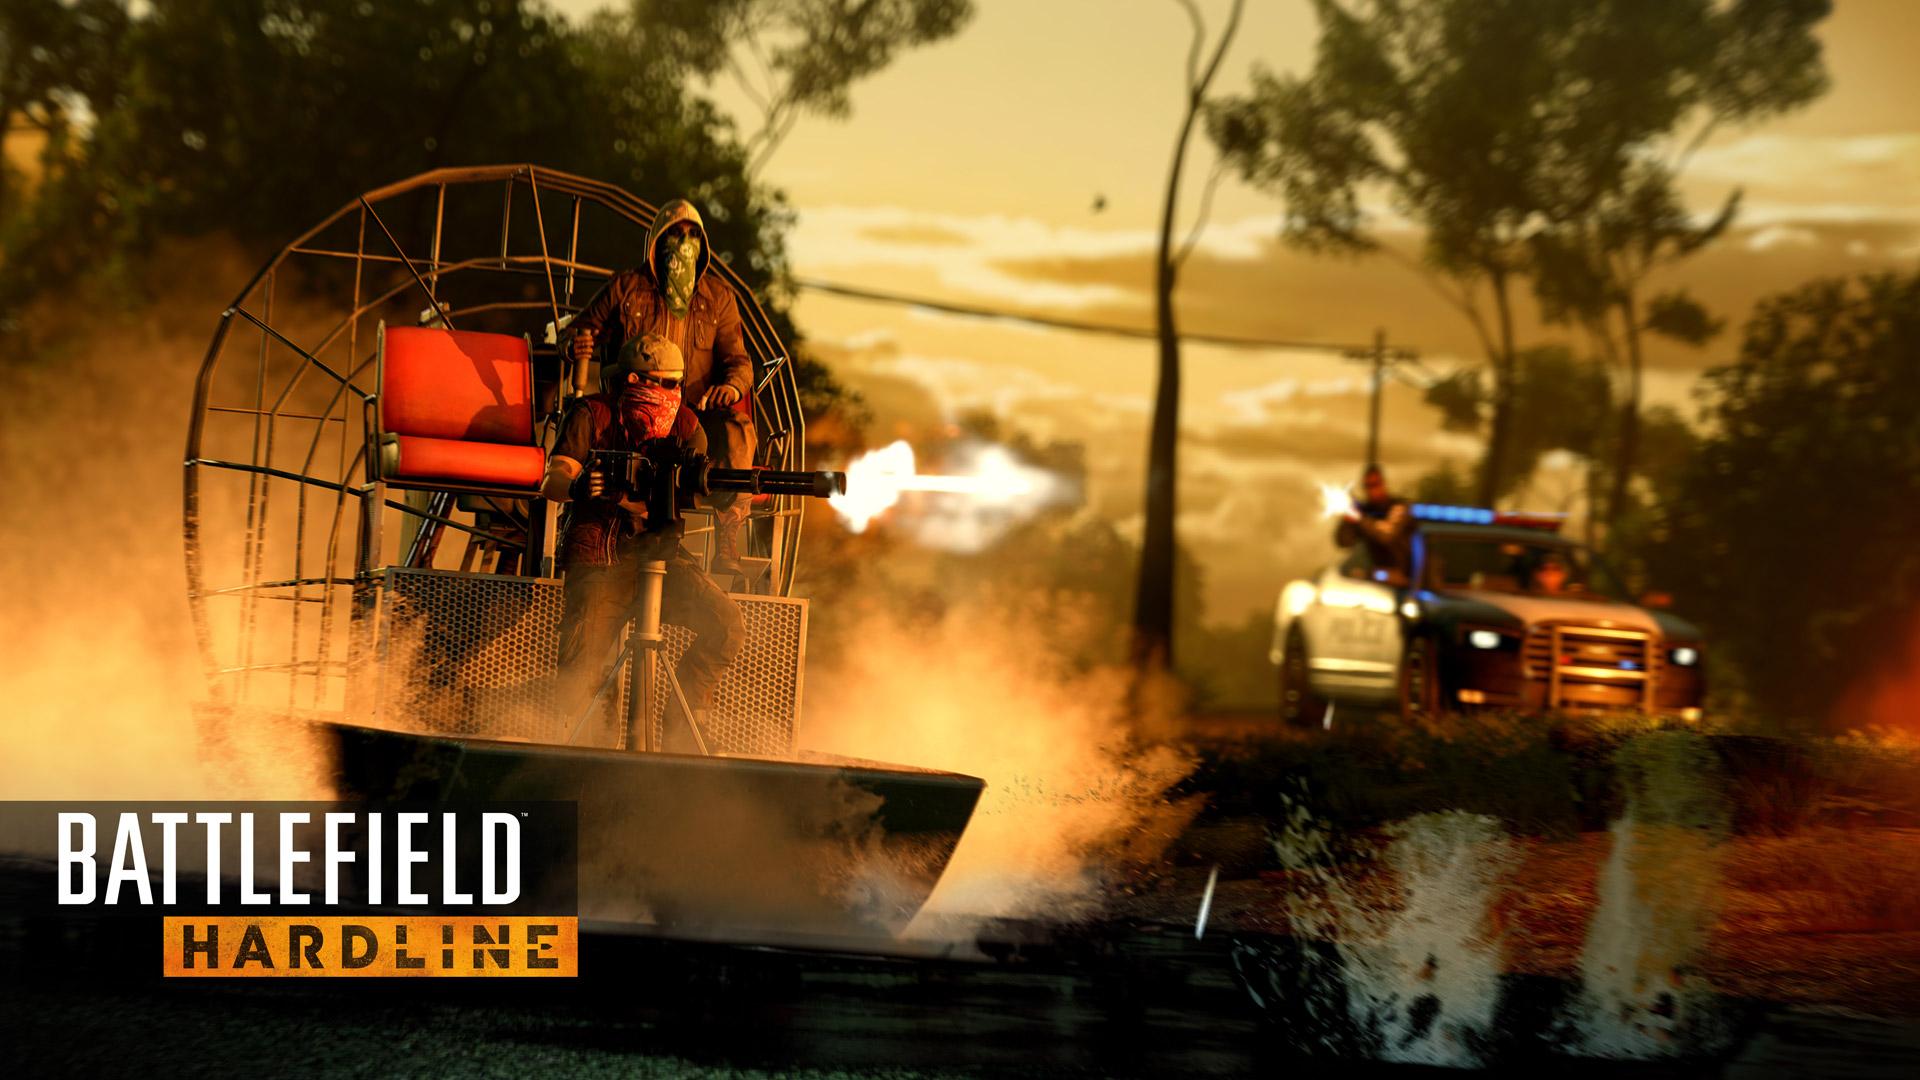 Battlefield: Hardline Wallpaper in 1920x1080